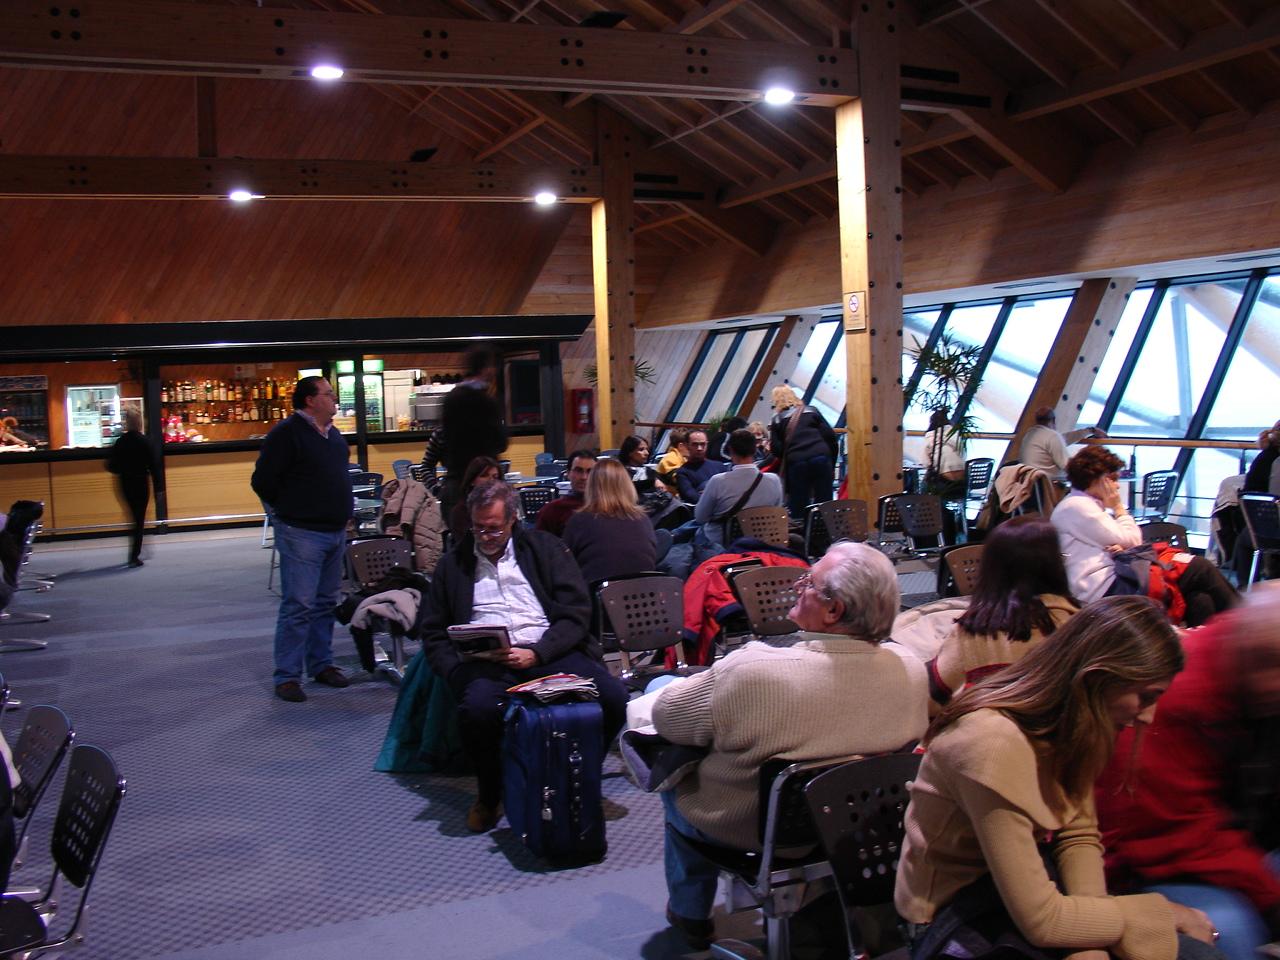 http://en.academic.ru/pictures/enwiki/80/Preembarque_Aeropuerto_de_Ushuaia.jpg